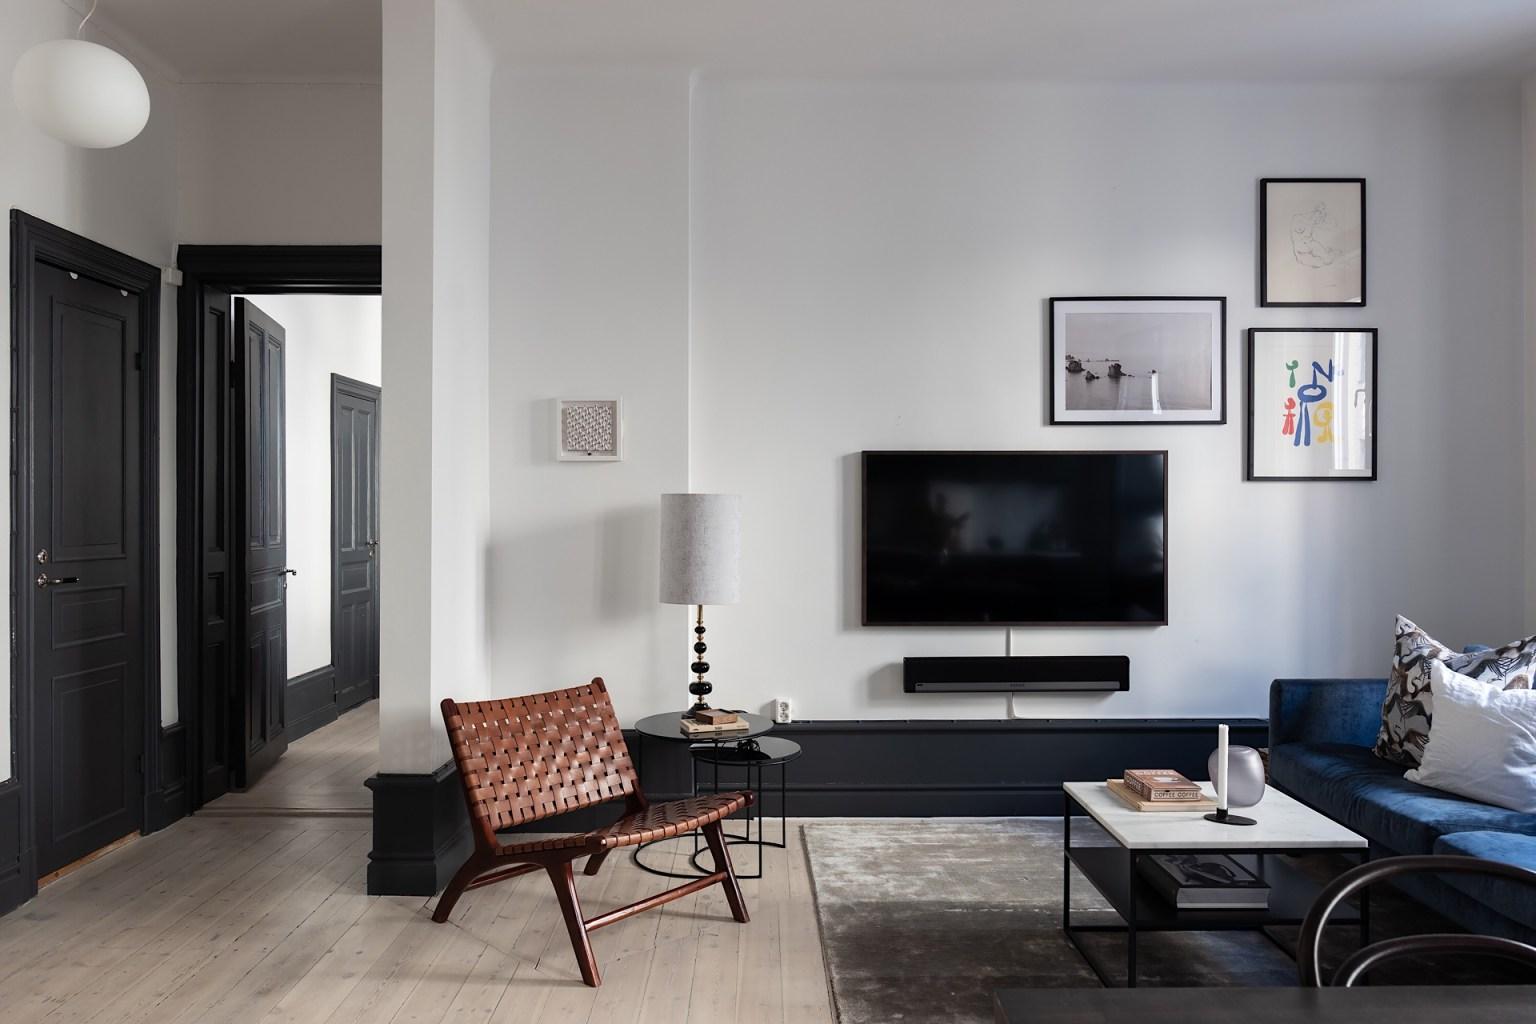 Không gian nhỏ nhưng đầy đủ nội thất, đầy đủ các chức năng cần thiết.